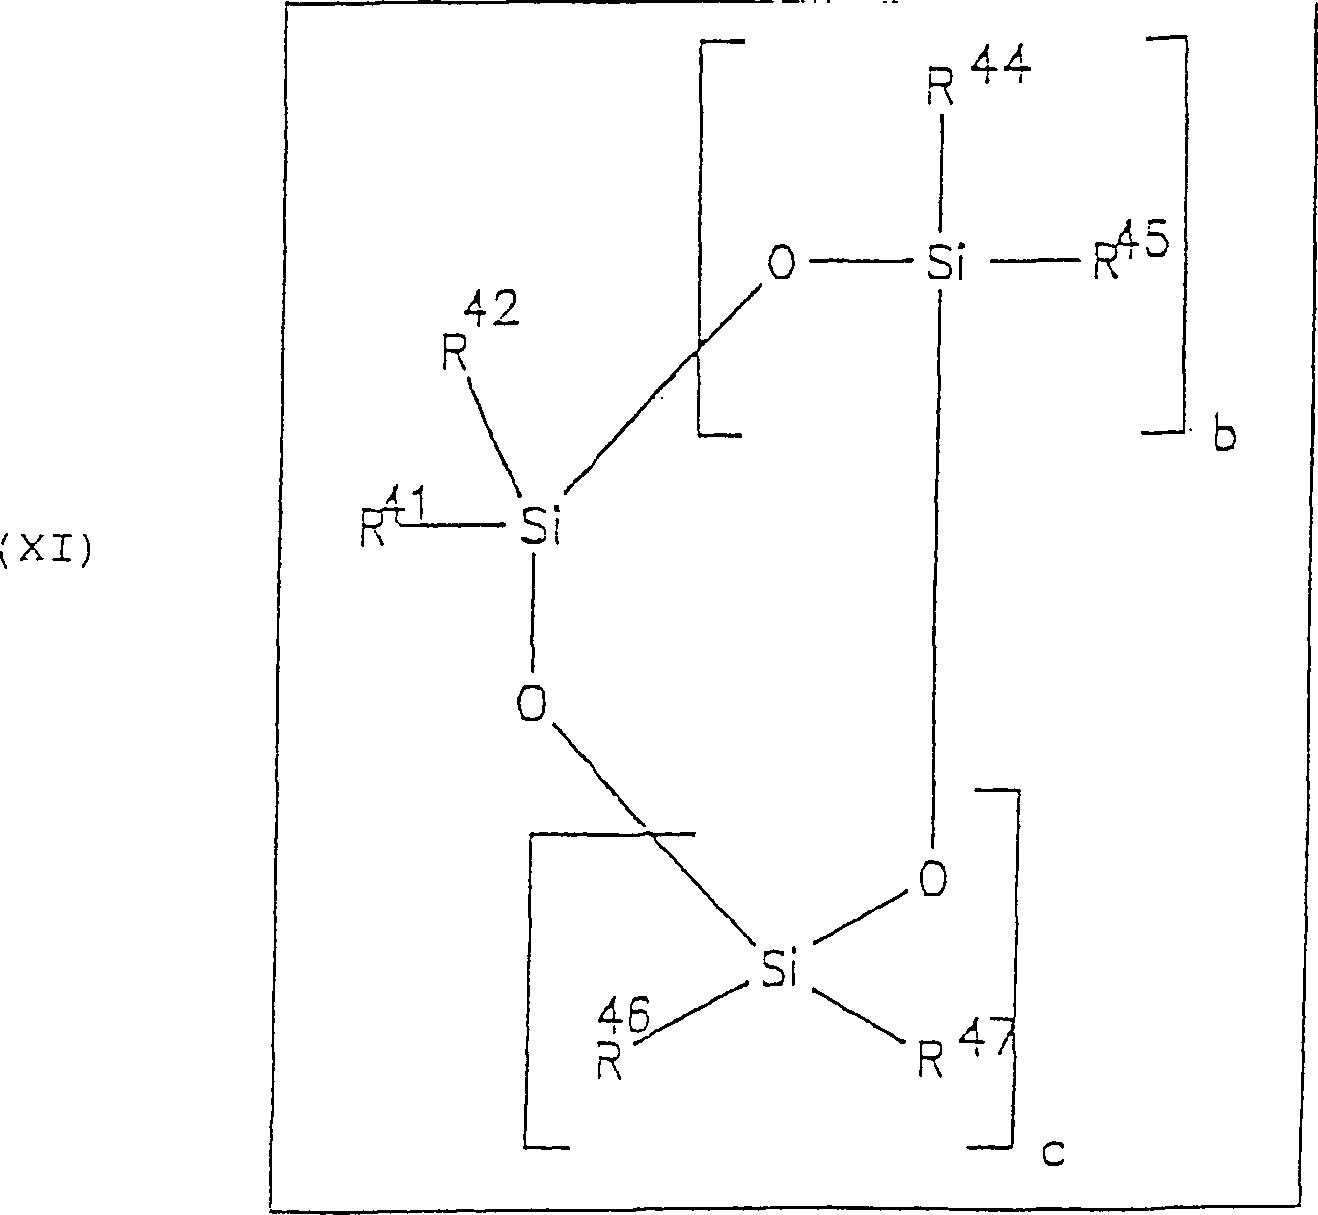 Figure DE000019719438C5_0040